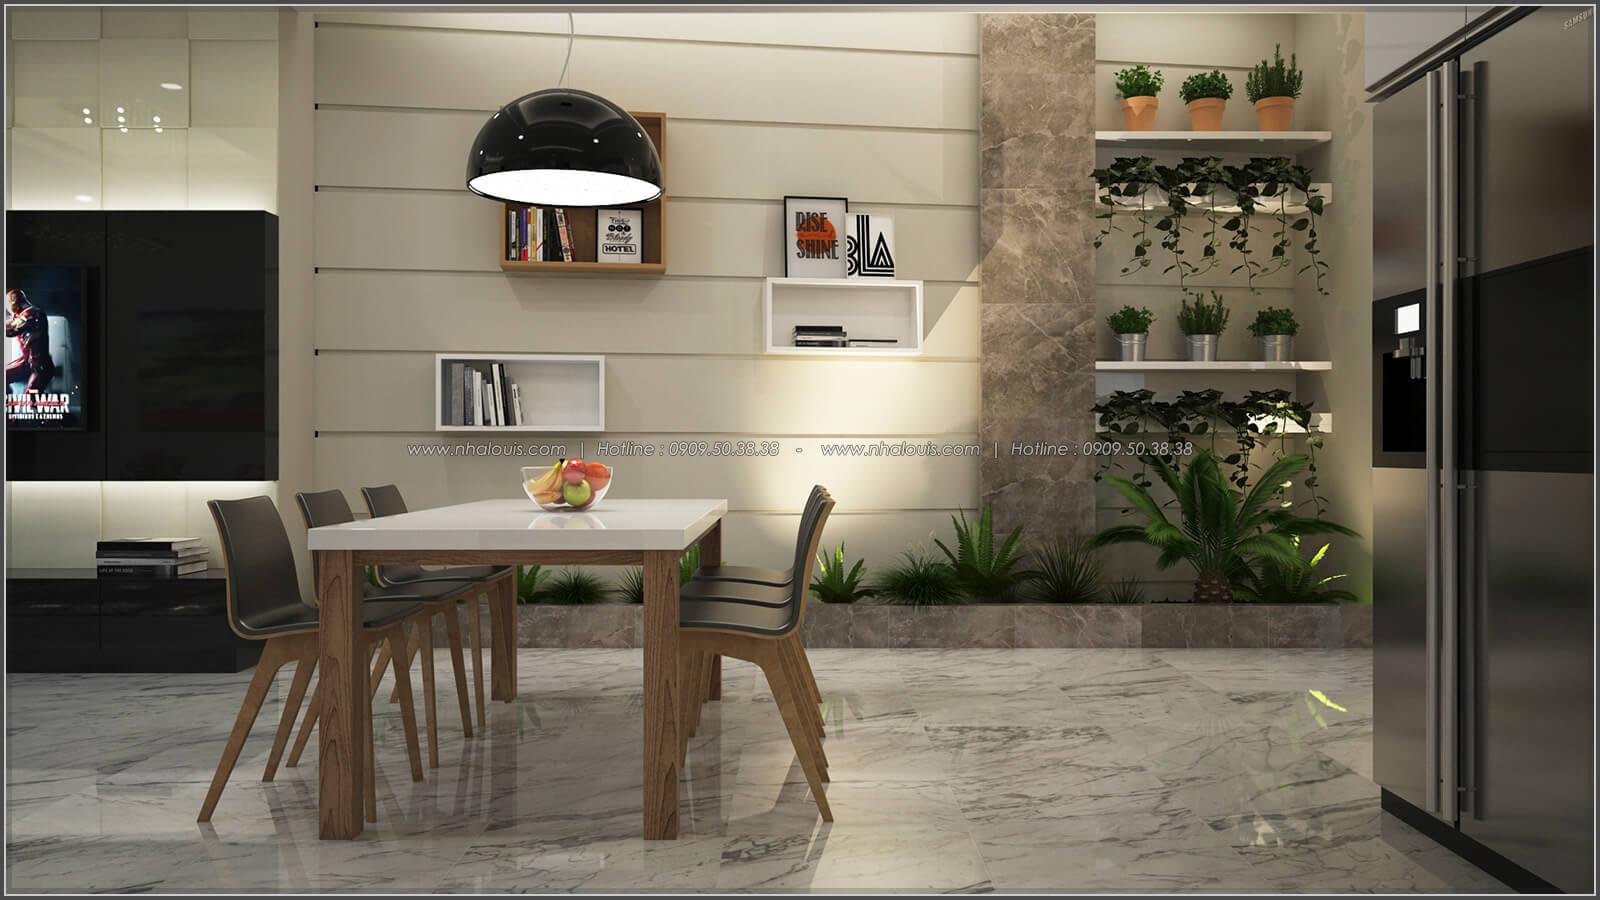 Phòng ăn thiết kế nhà có tầng hầm của chị Lan tại Quận 1 - 11